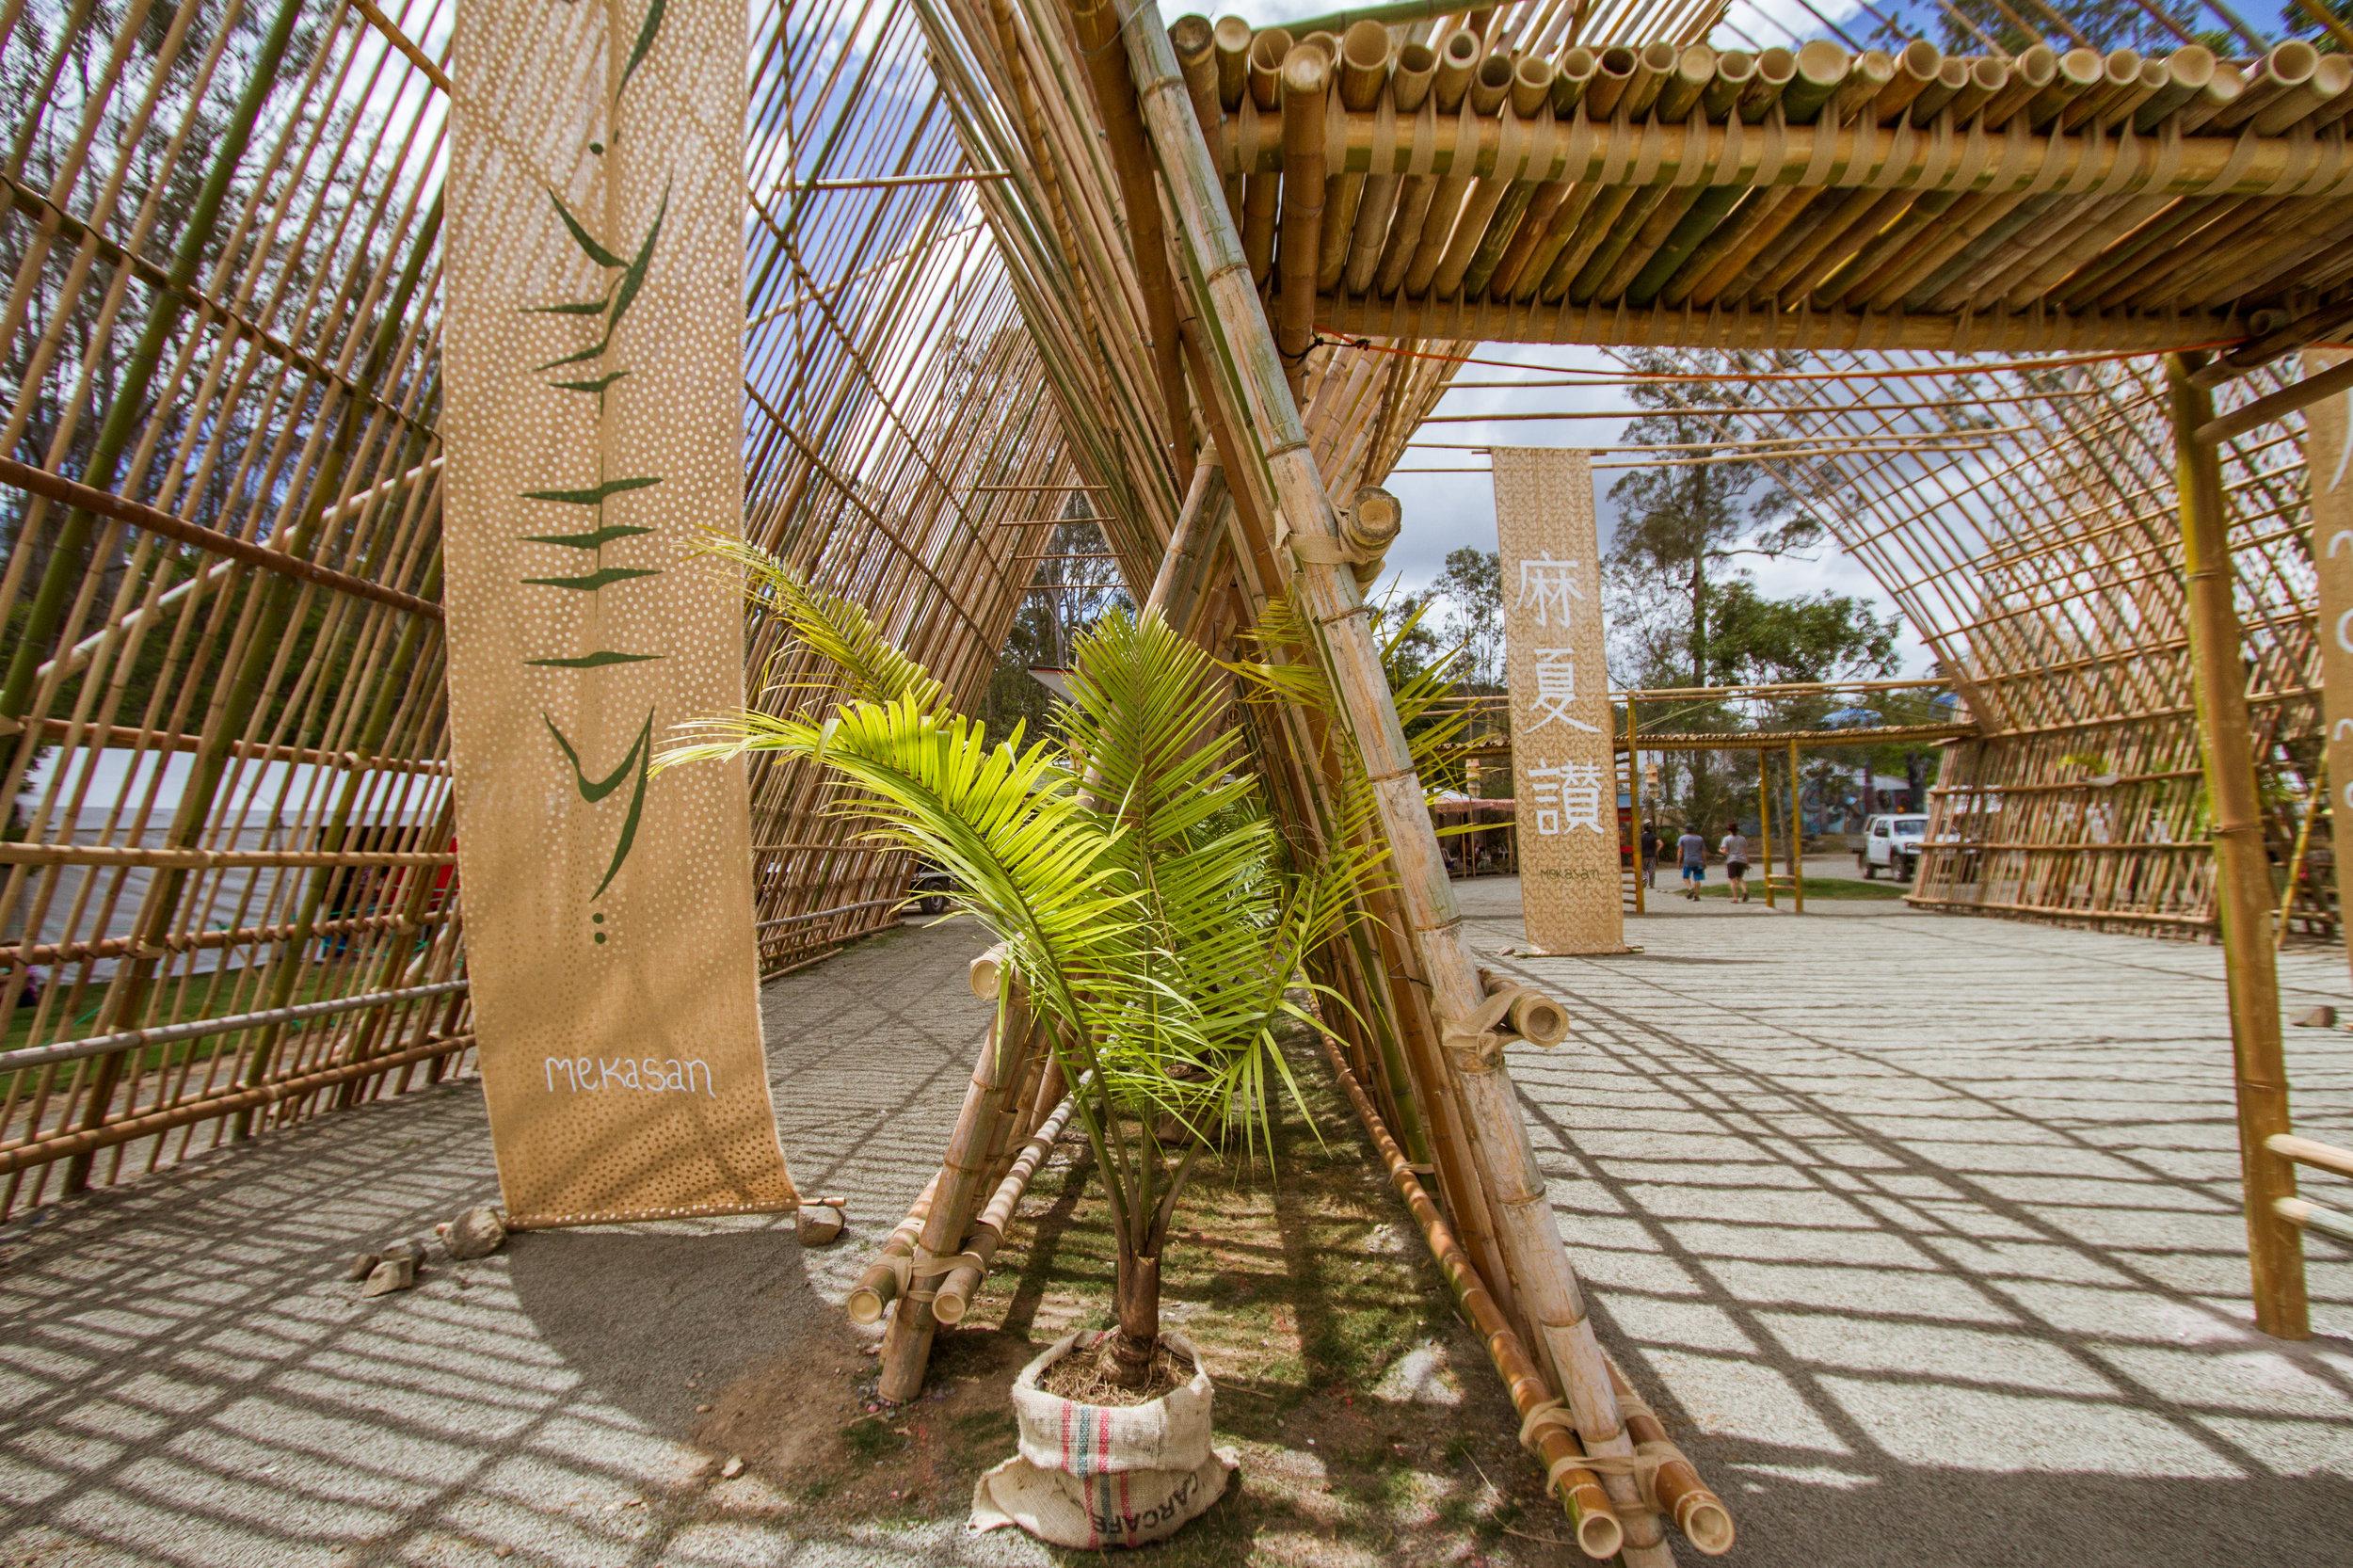 Mekasan photography by Mercurio Alvarado  (7 of 14).jpg